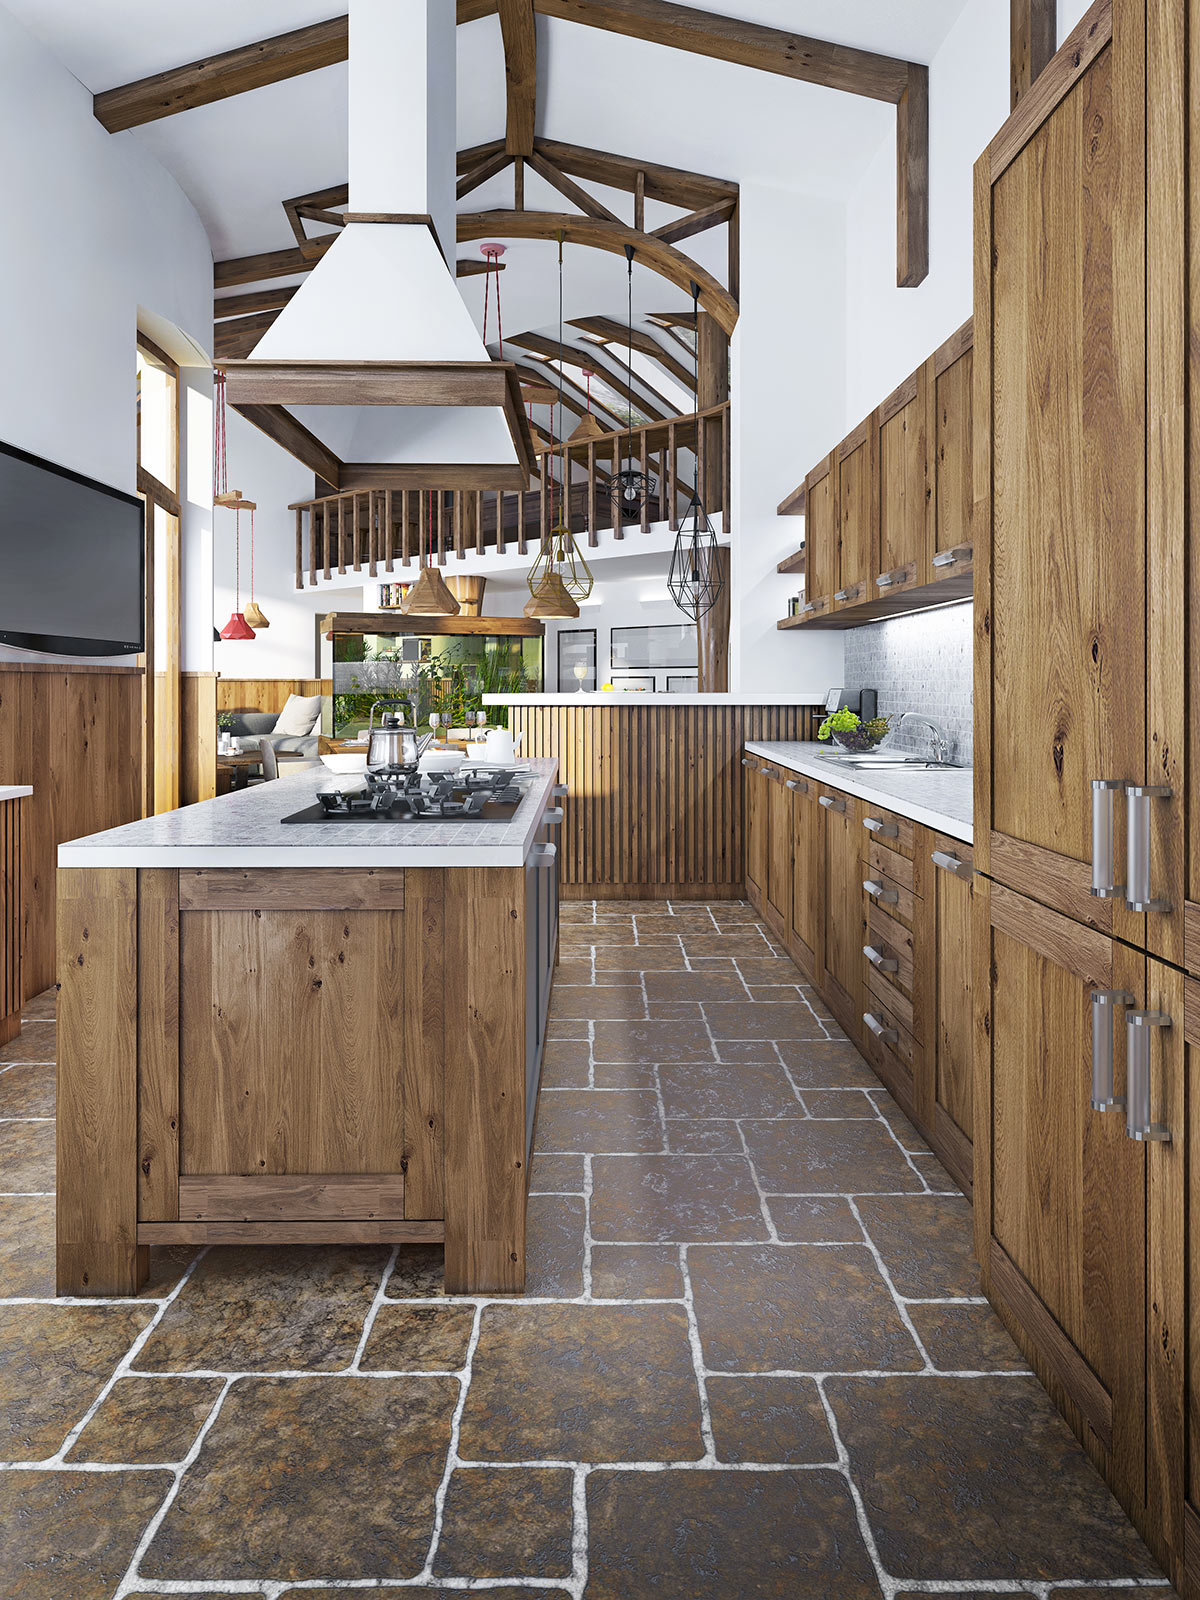 Cucina rustica in legno.